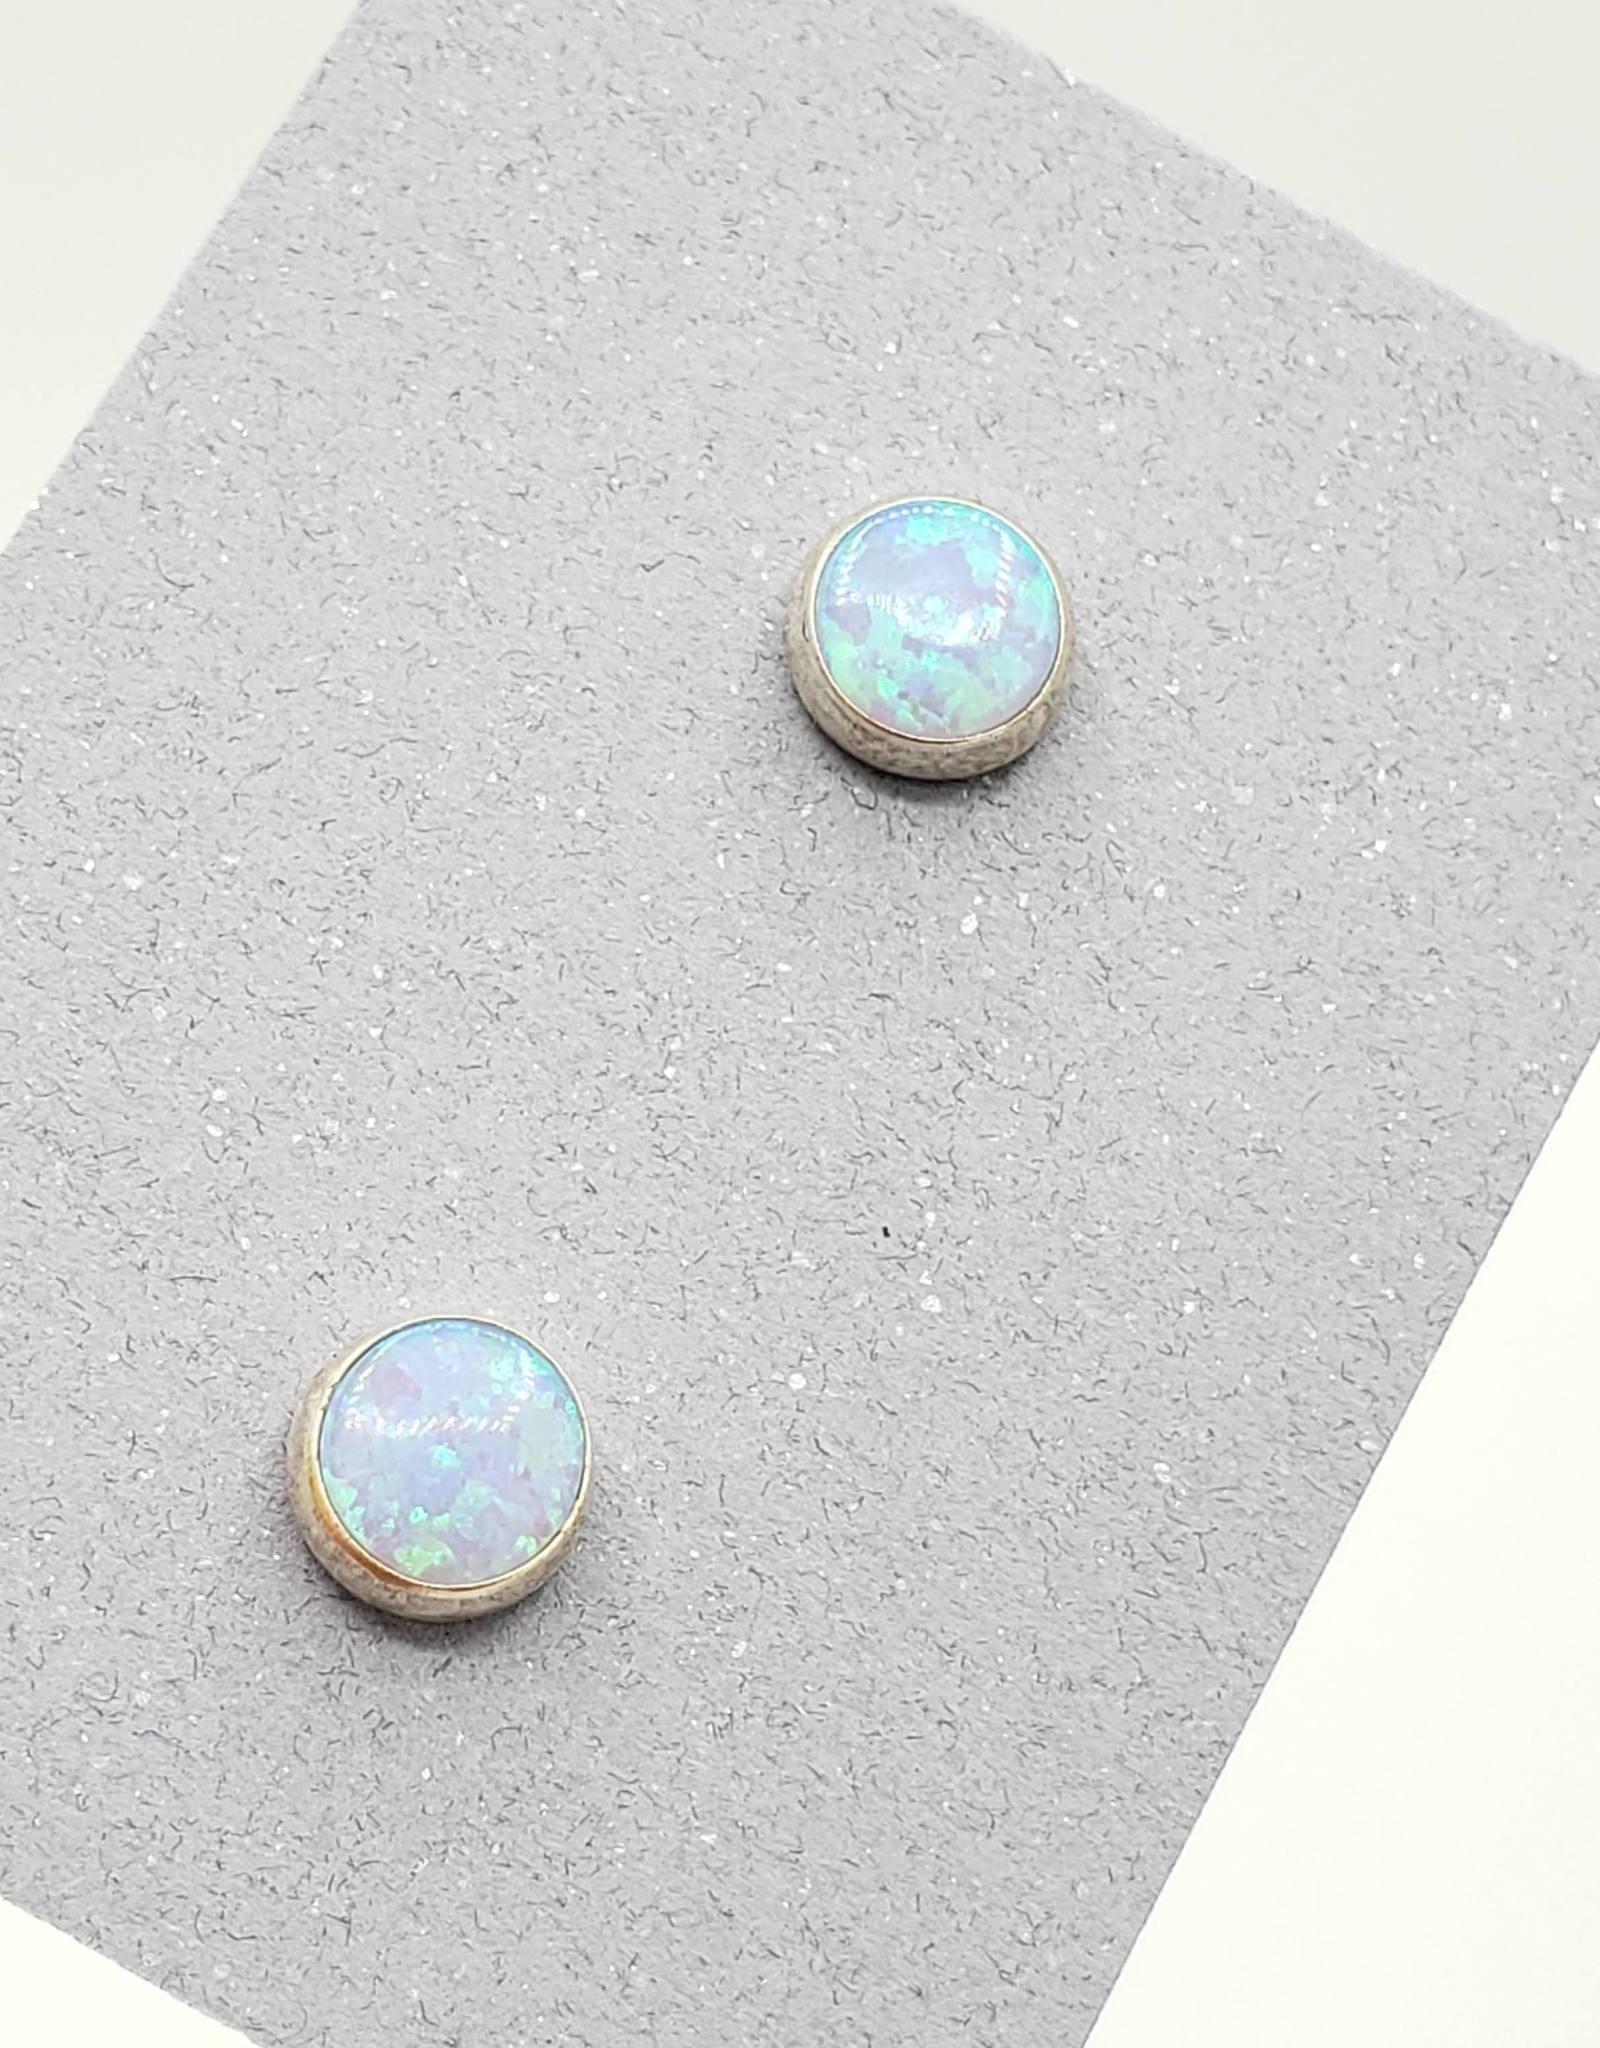 White Opal Bezel Post Earrings Sterling Silver, 6mm